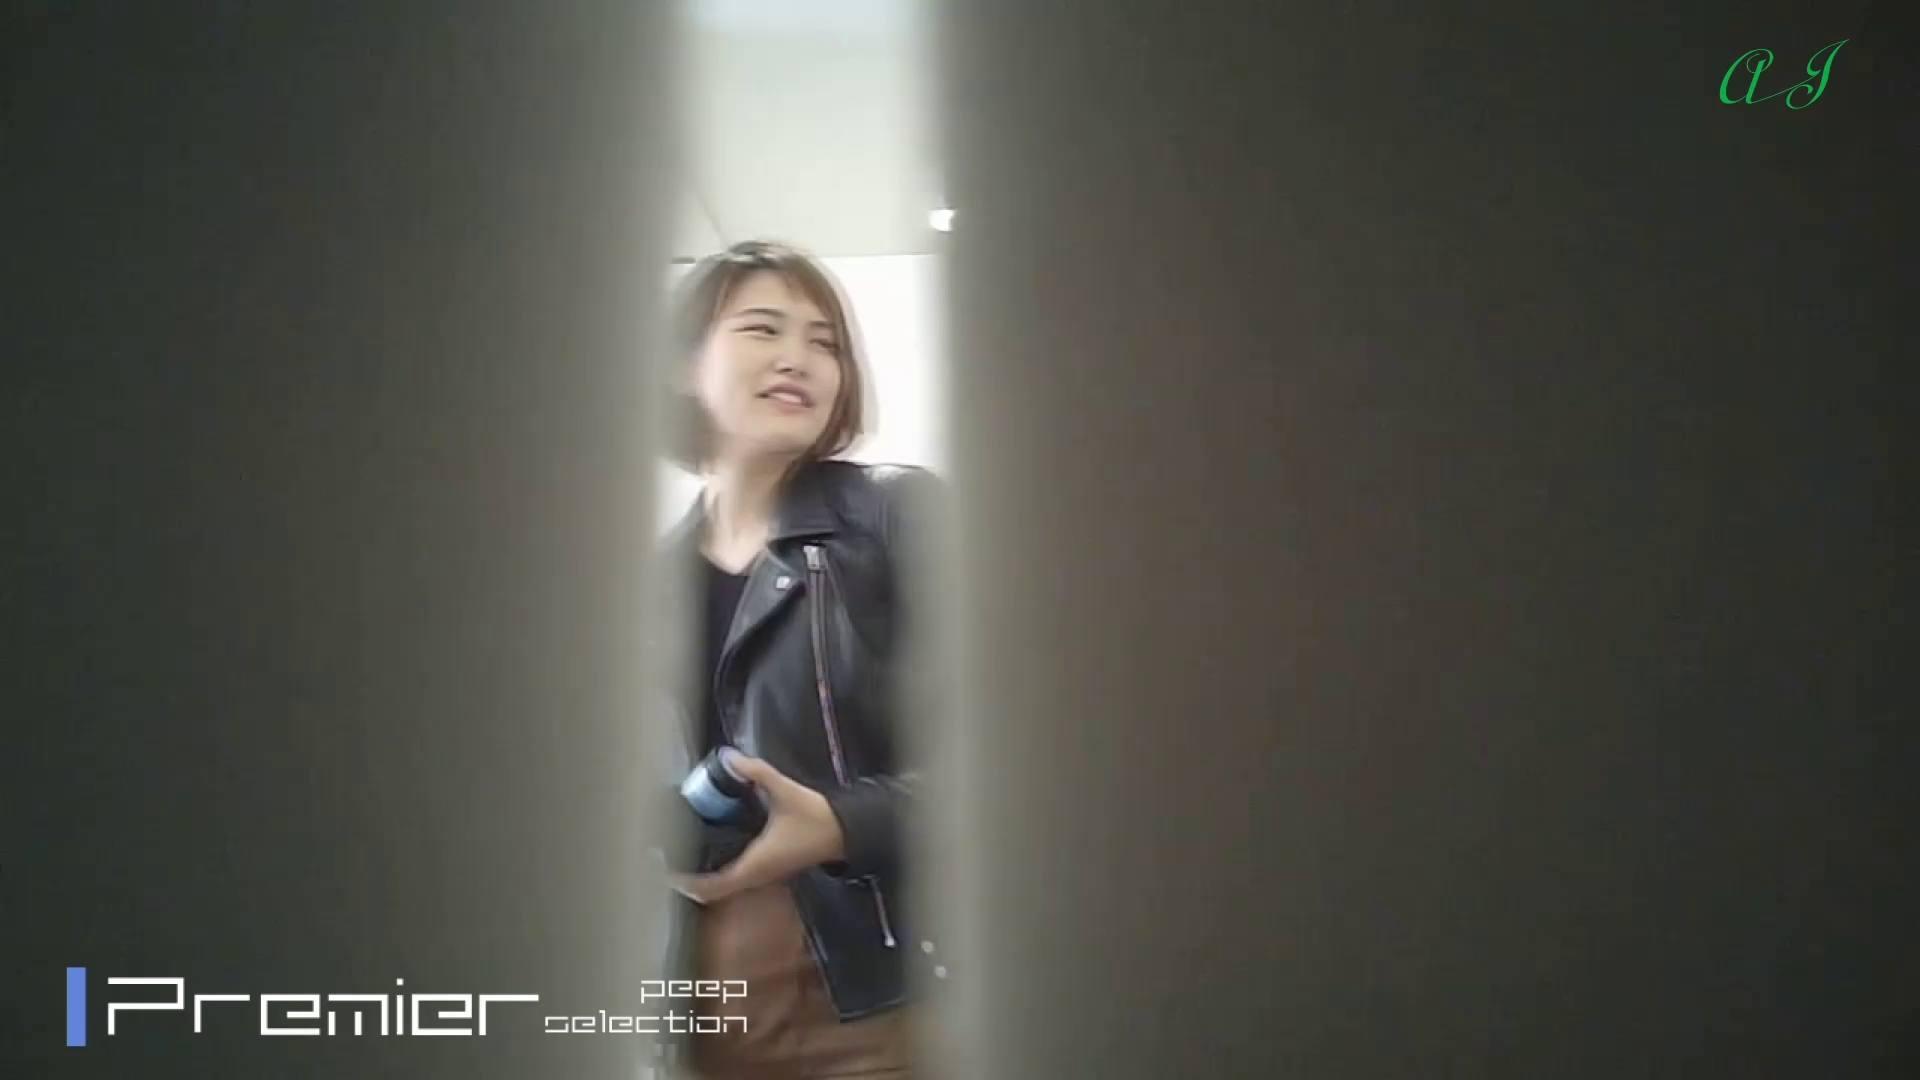 有名大学女性洗面所 vol.74 美肌 オマンコ無修正動画無料 25画像 22